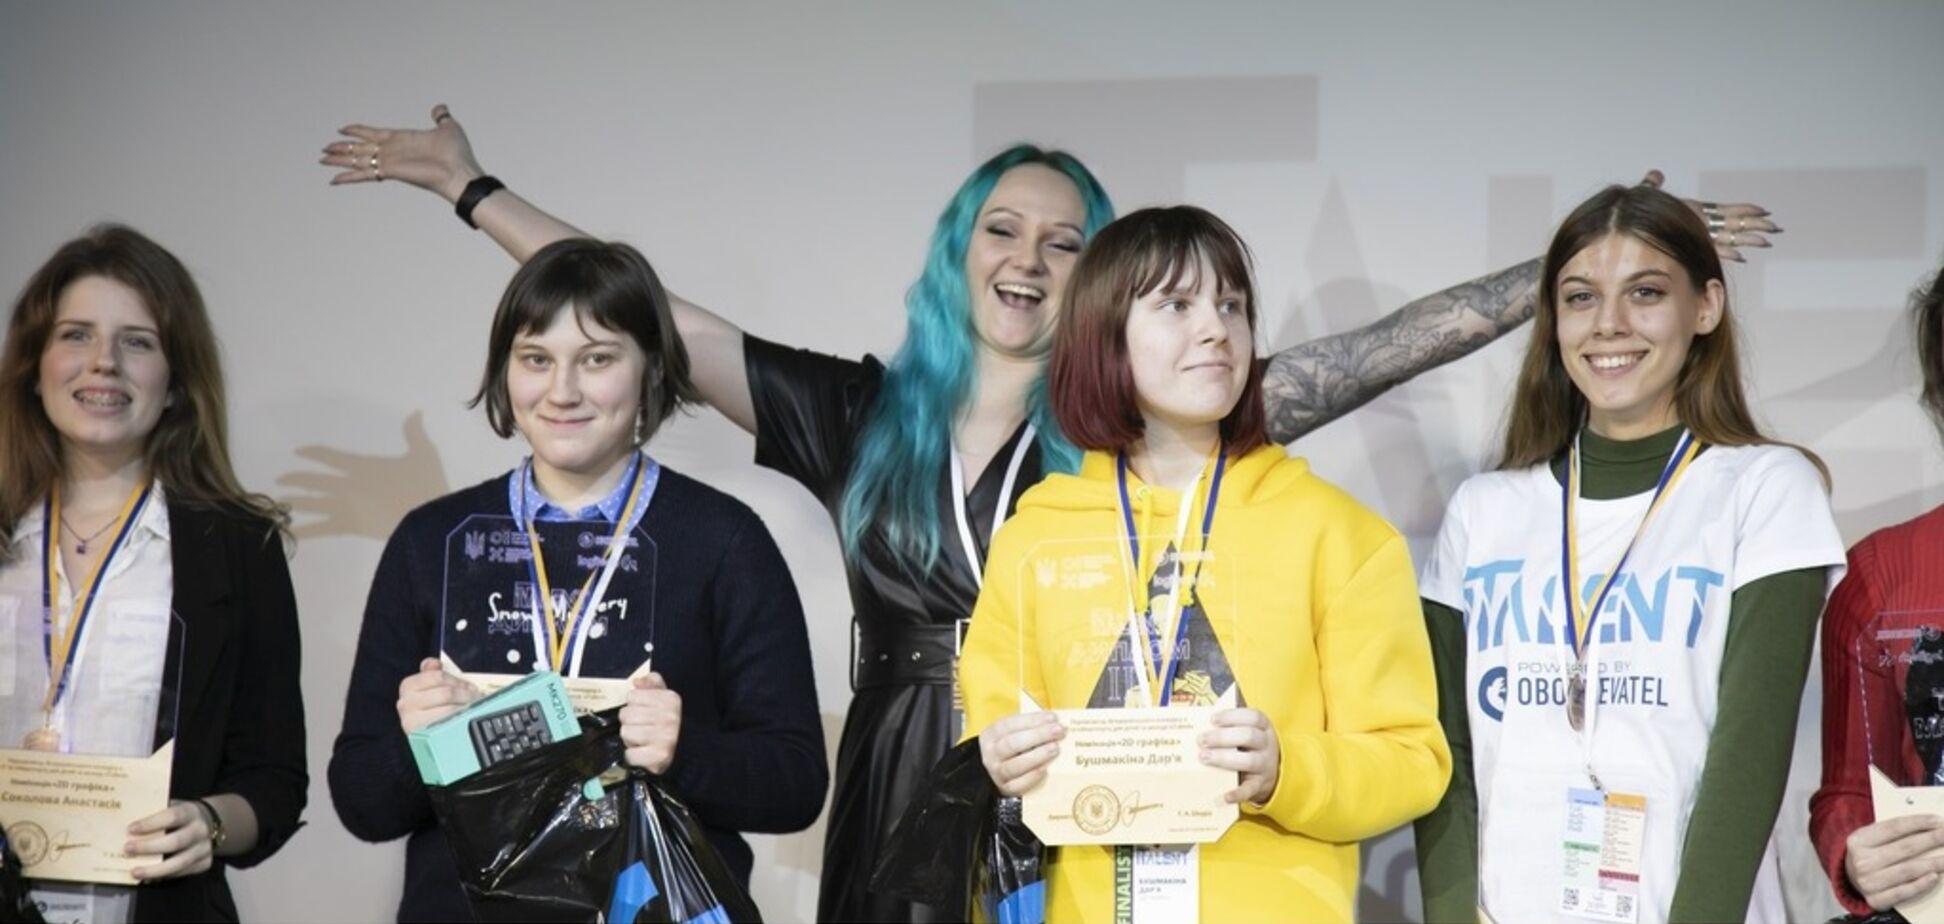 Финал конкурса iTalent: стали известны лучшие юные ИТ-таланты Украины